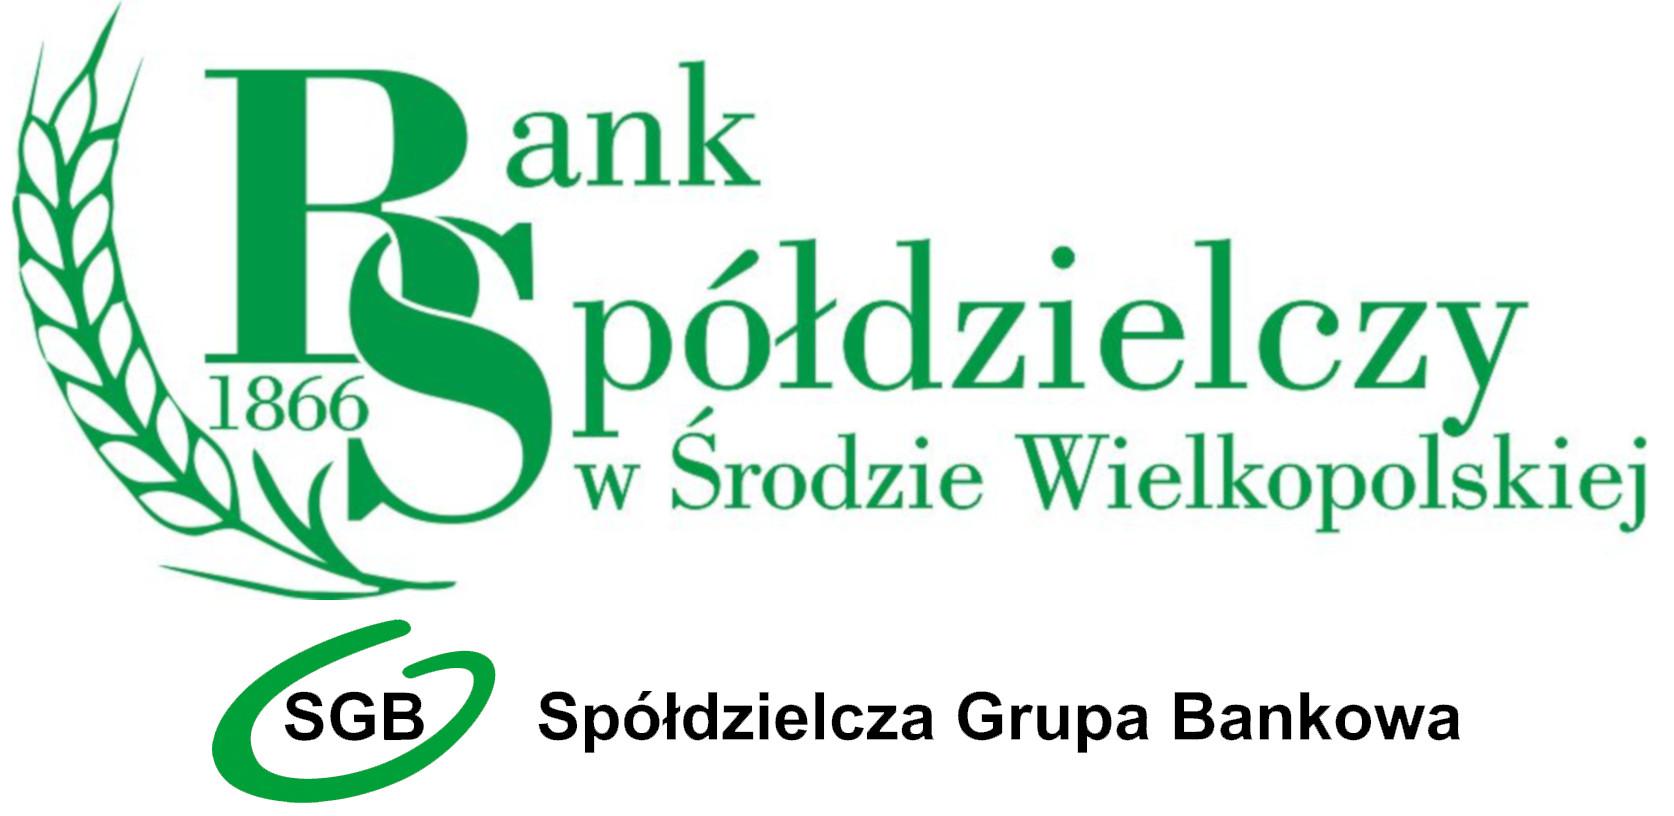 Pakiet Aktywny - Bank Spółdzielczy w Środzie Wielkopolskiej